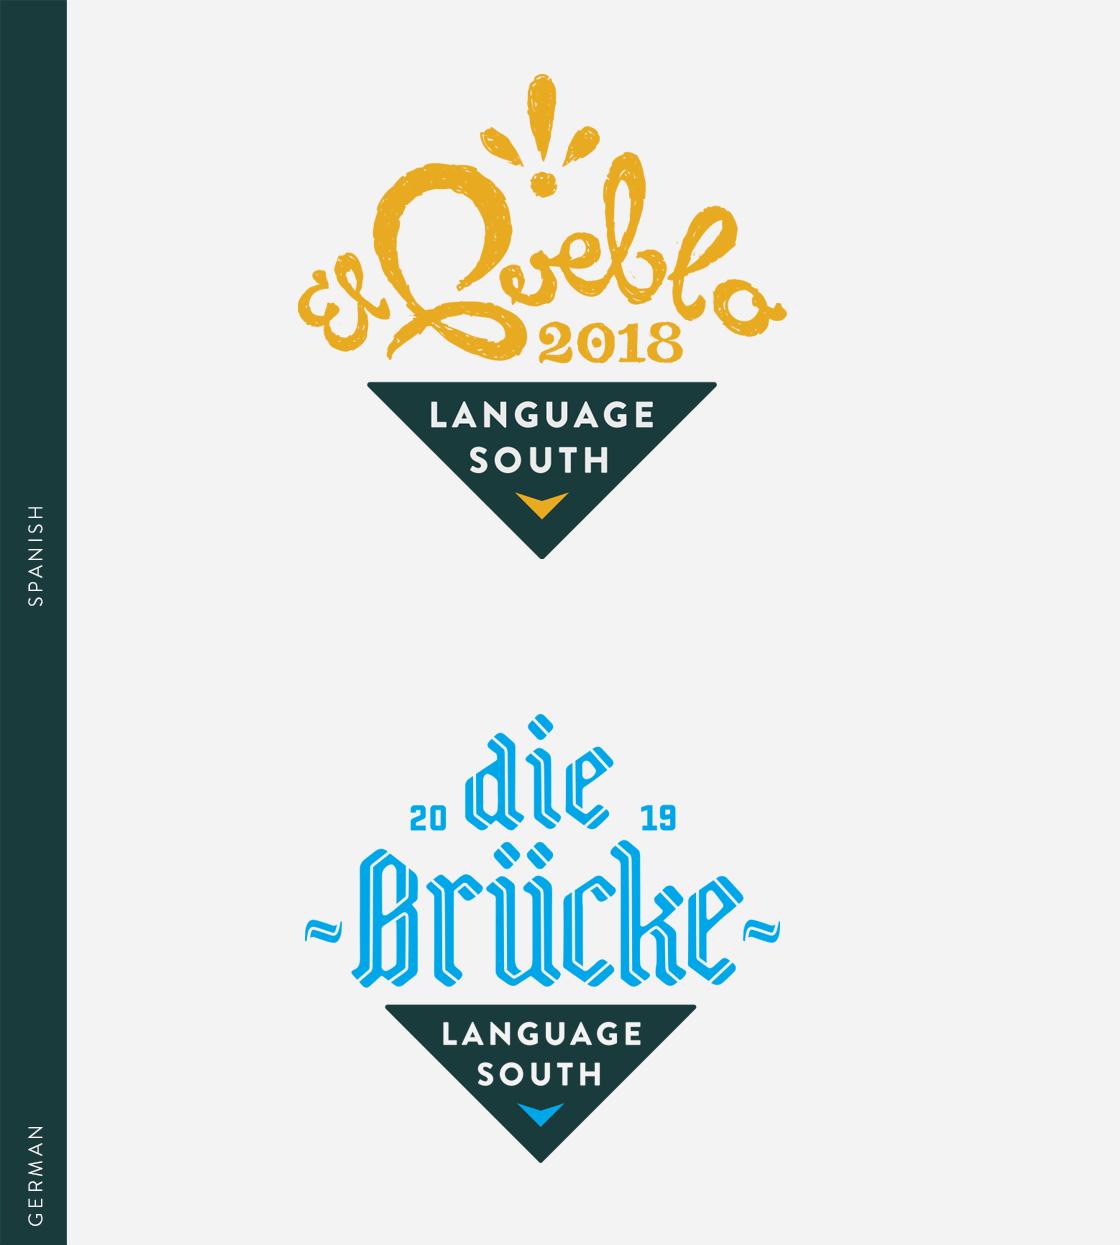 Language South - Ingredient Branding, Brand Strategy, Logos